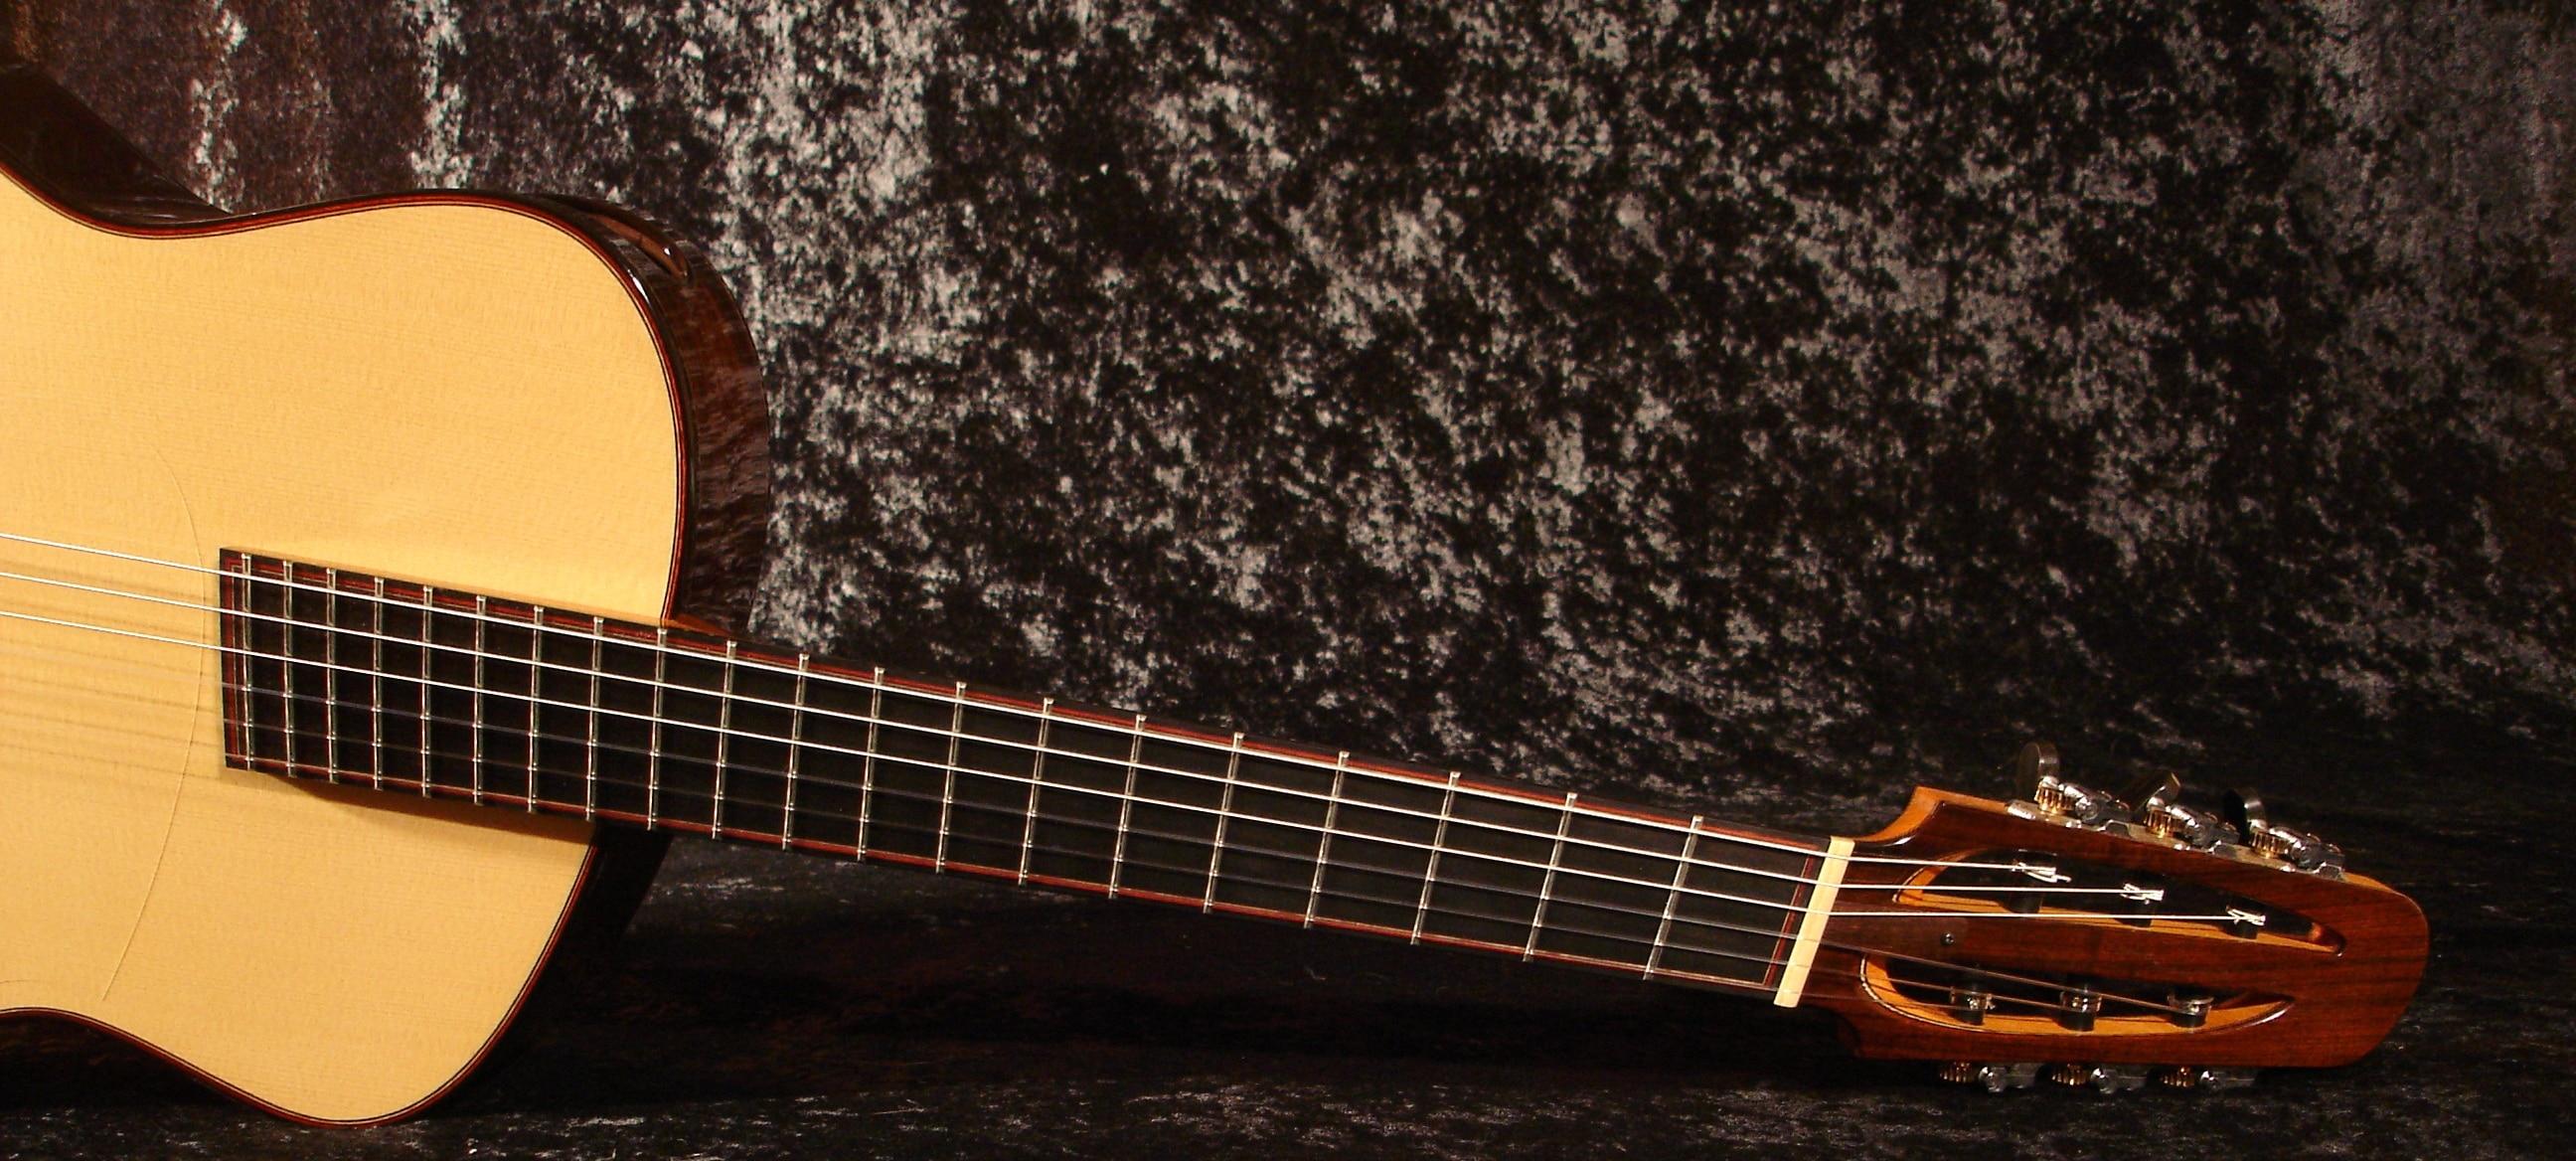 Understanding guitar